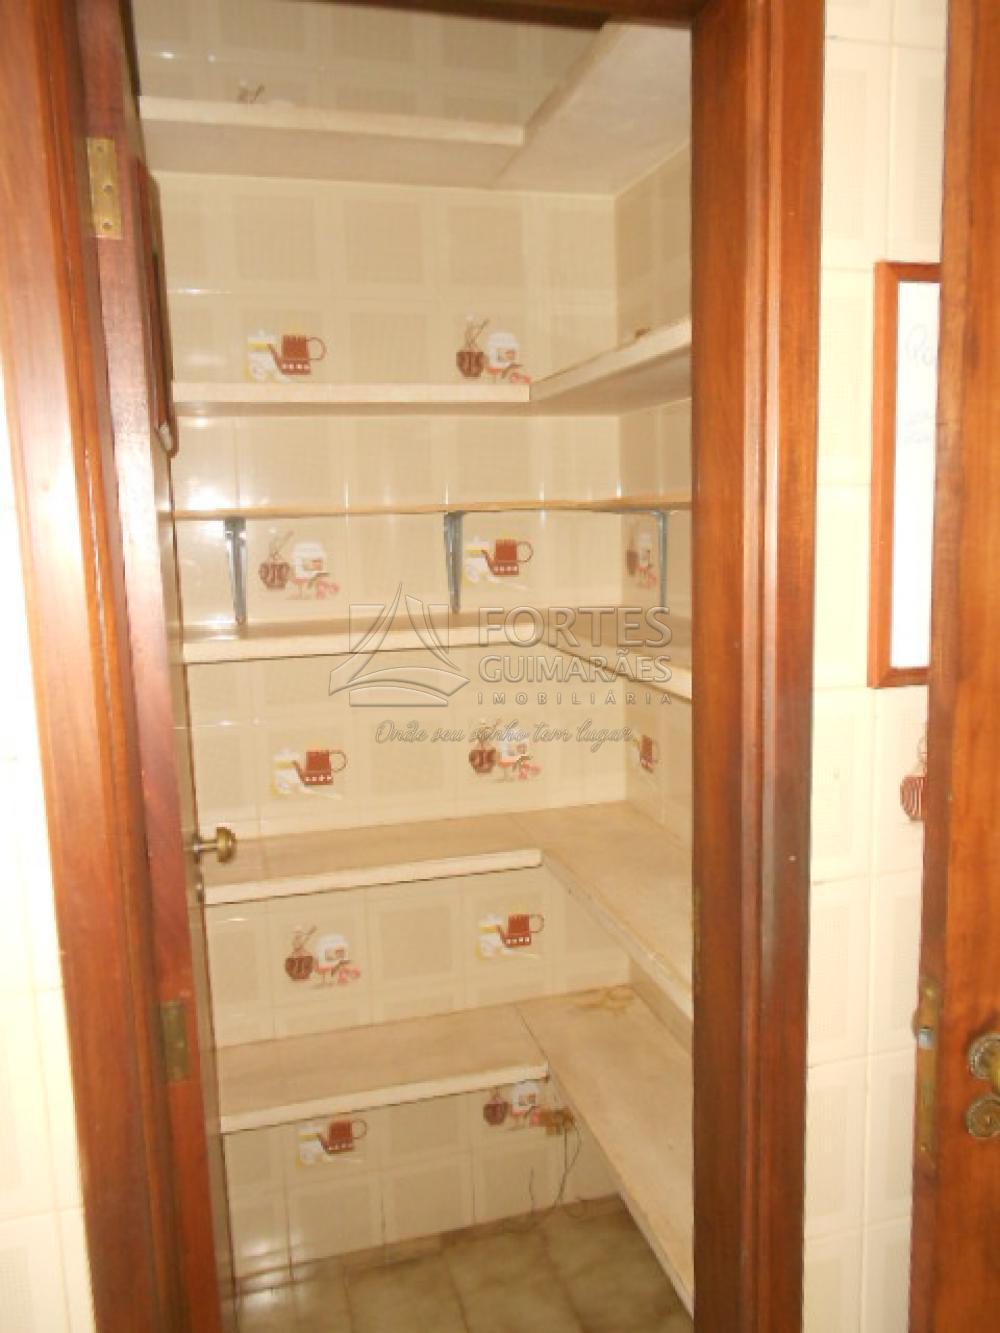 Alugar Apartamentos / Padrão em Ribeirão Preto apenas R$ 1.250,00 - Foto 51